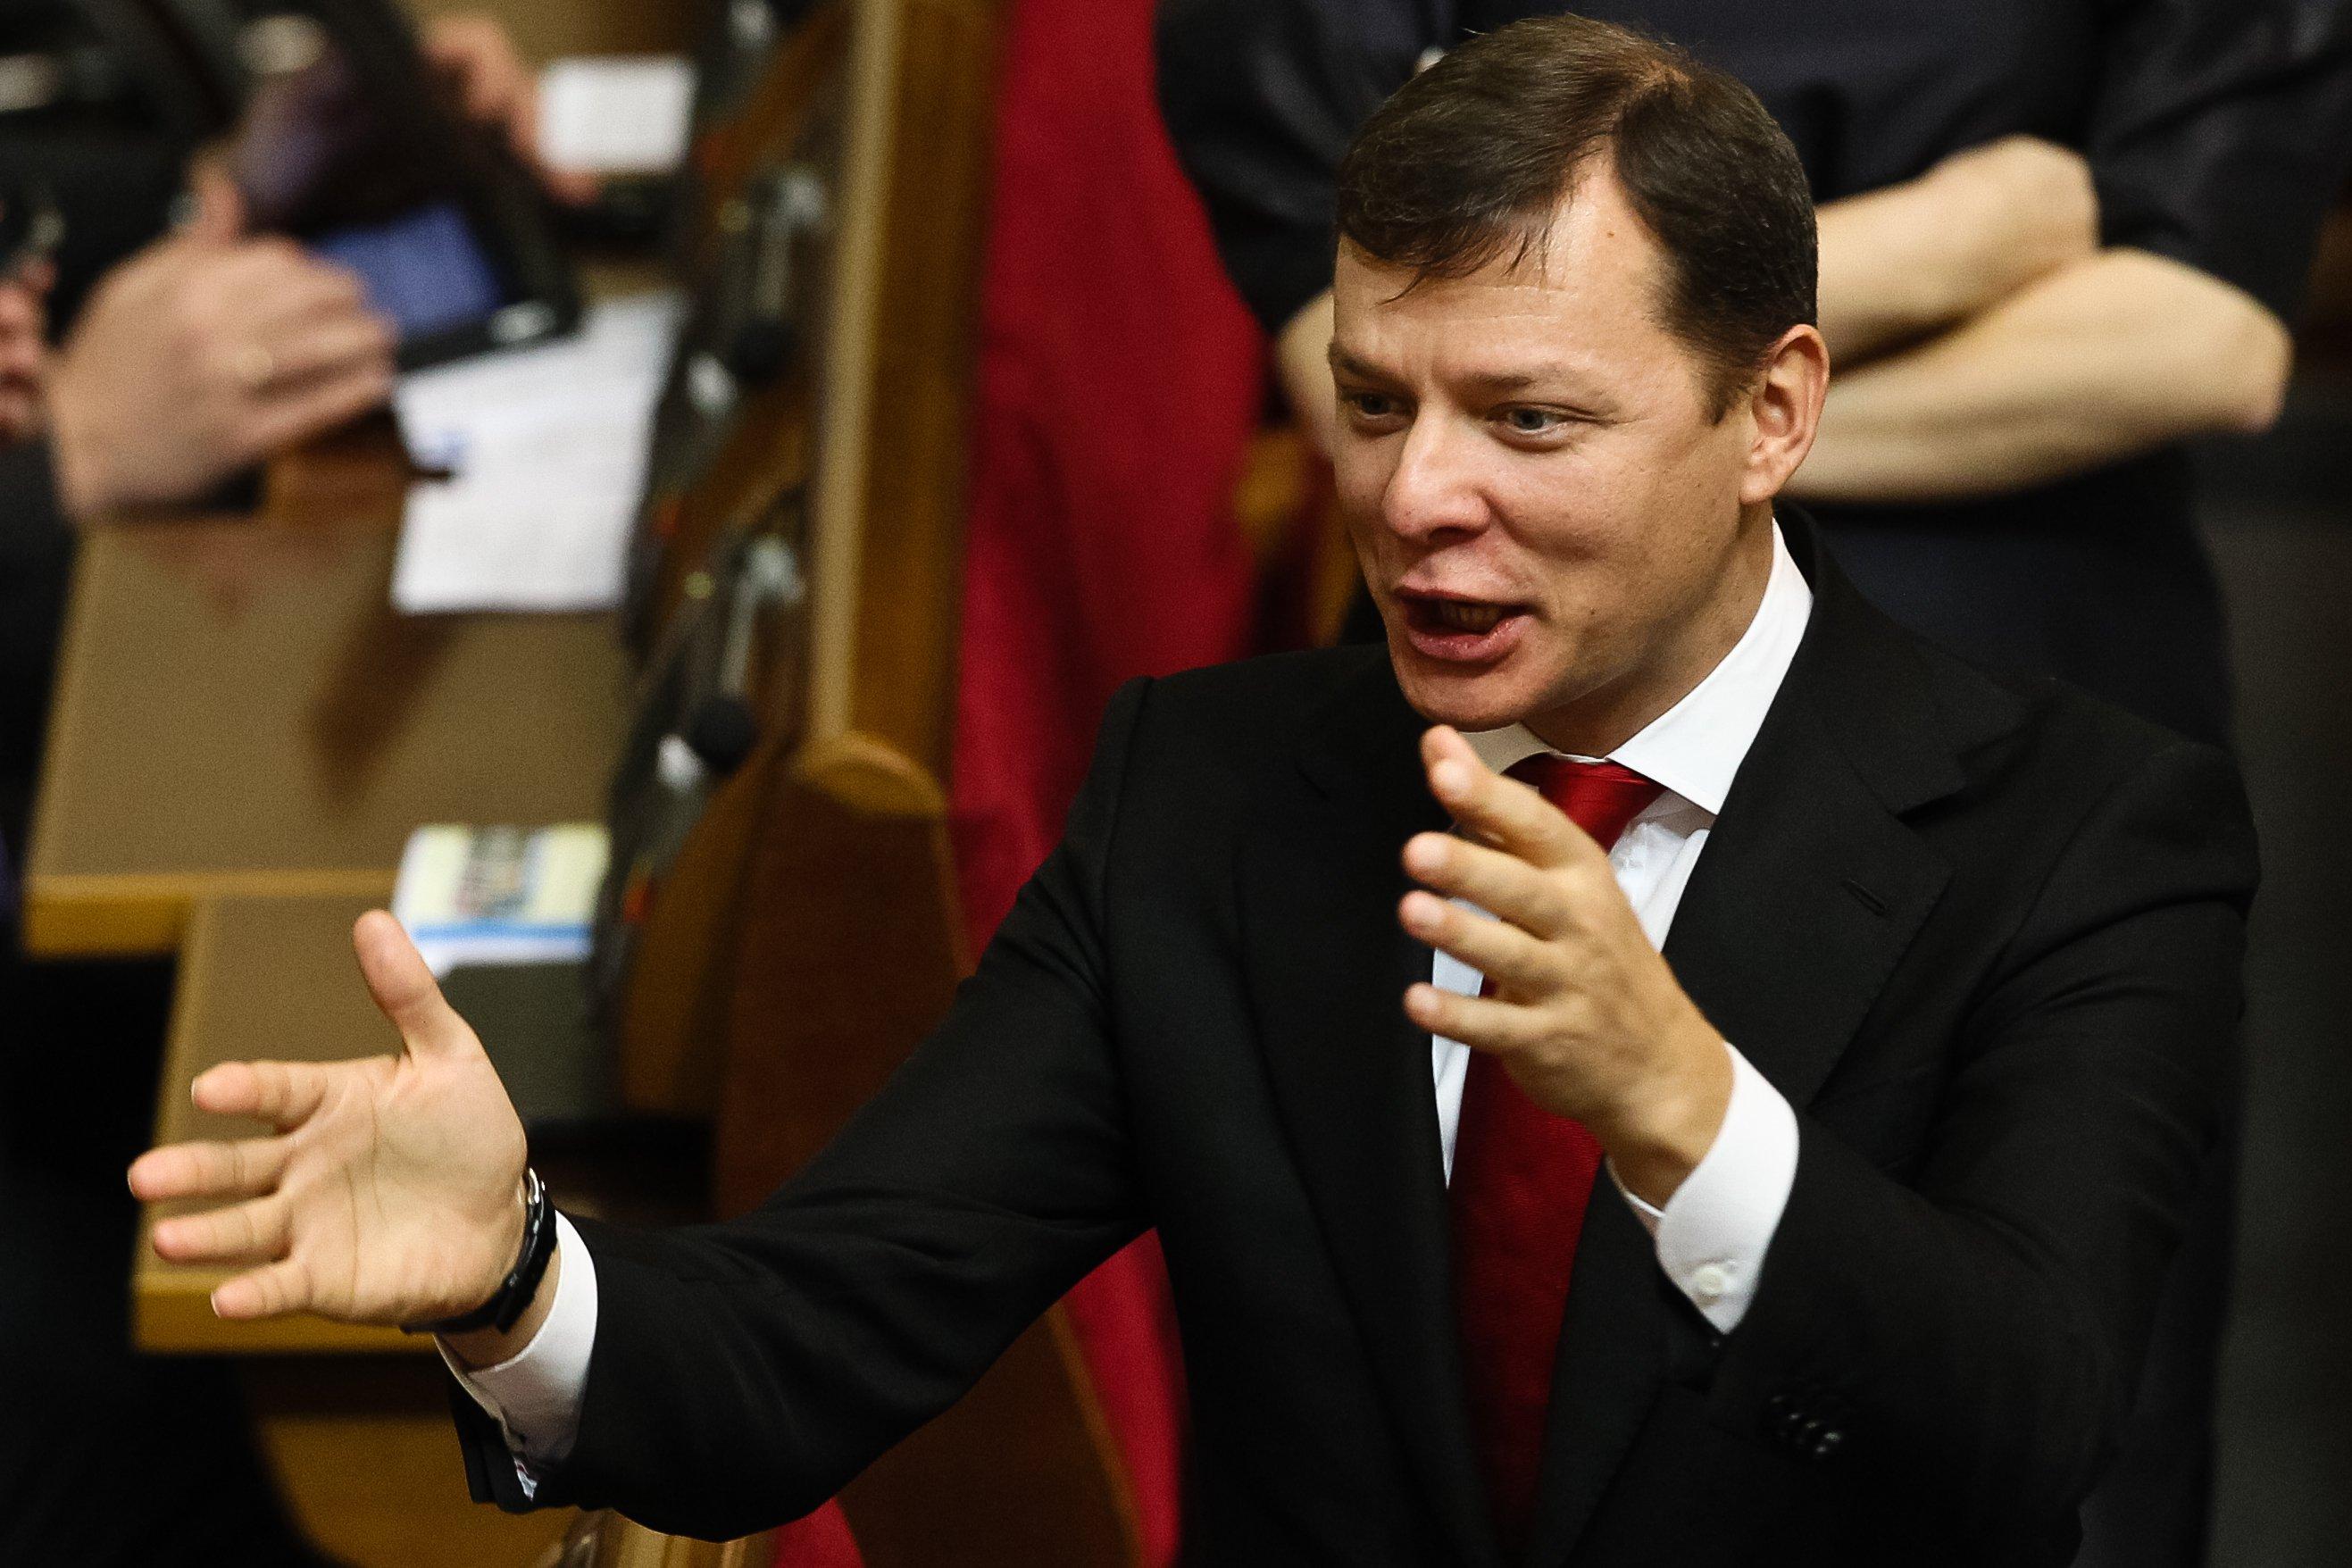 САП открыла наЛуценко два дела пообвинению внеуплате налогов,— Холодницкий